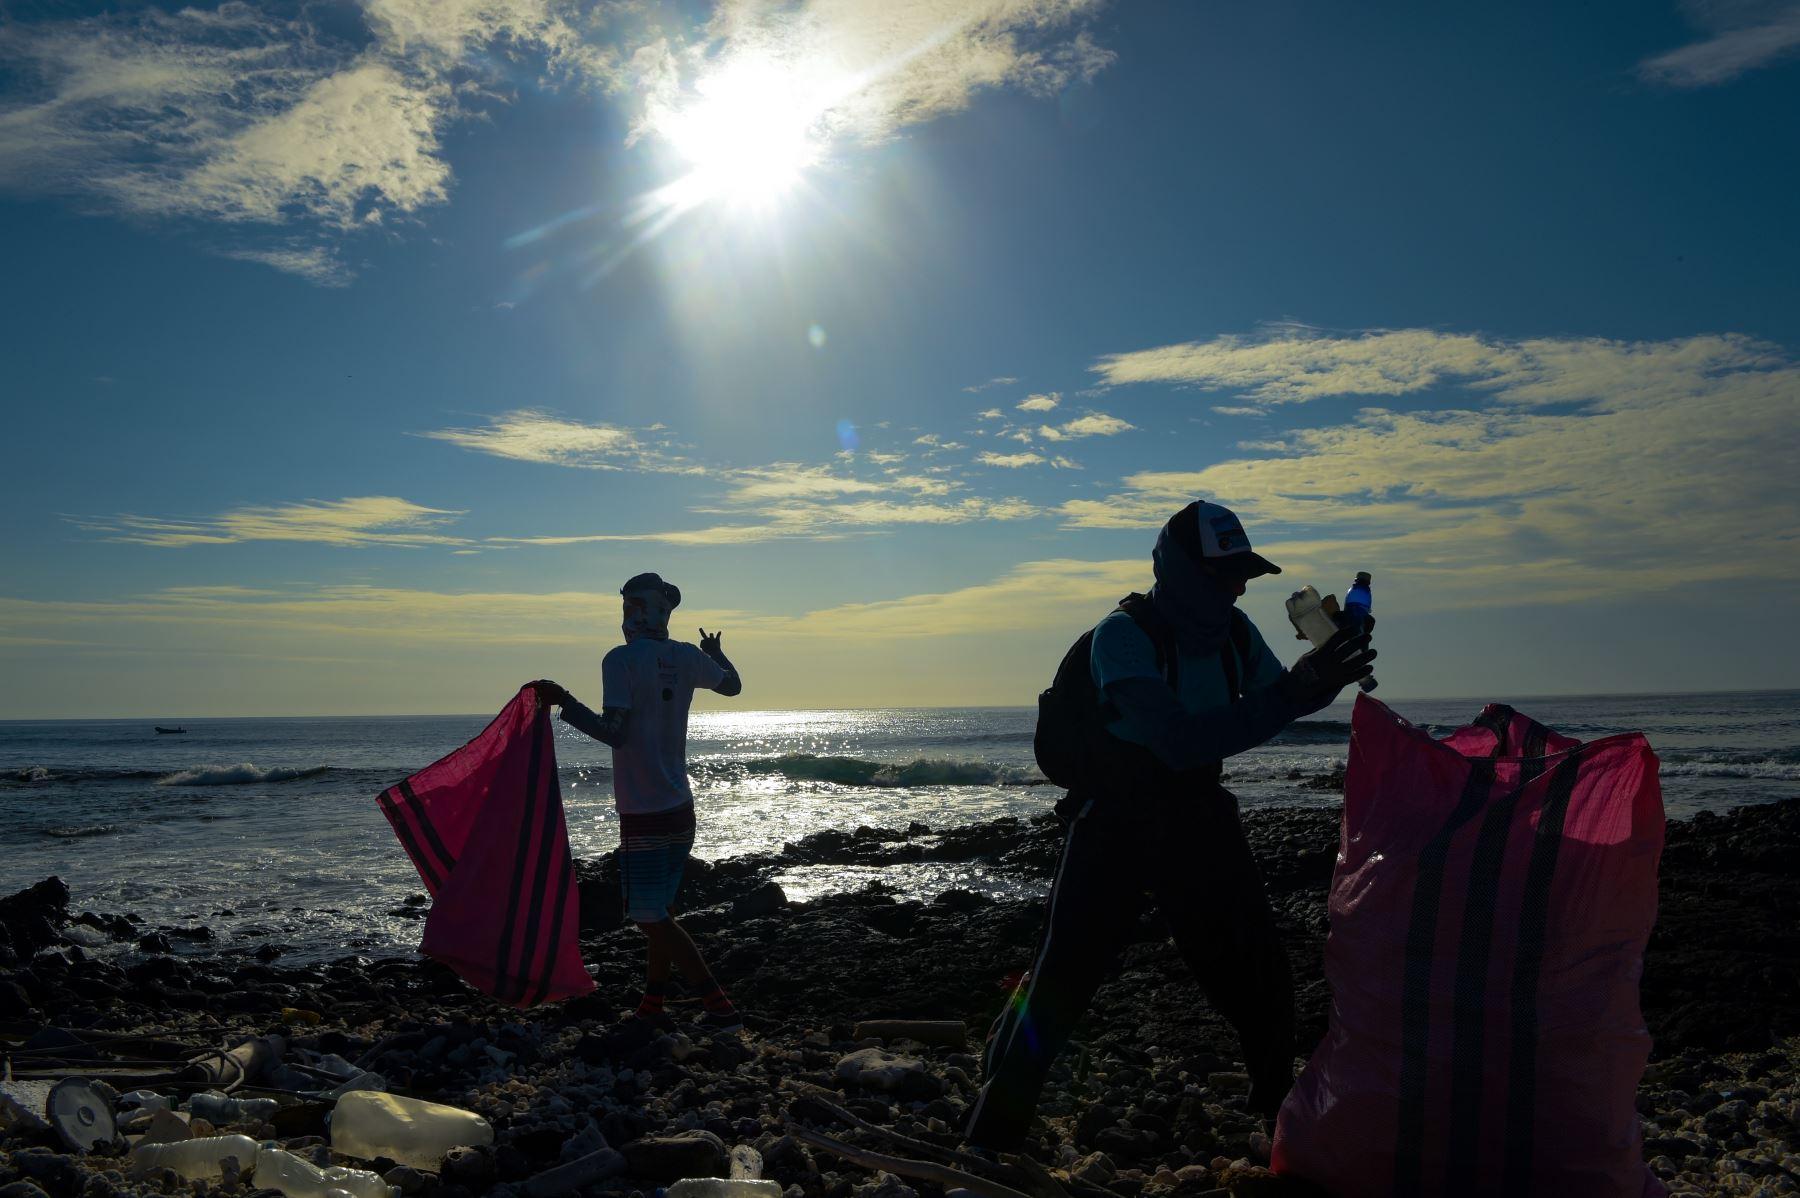 Los voluntarios recolectan basura en la costa de la isla Isabela en el archipiélago de las Galápagos en el Océano Pacífico, a 1000 km de la costa de Ecuador.Foto:AFP